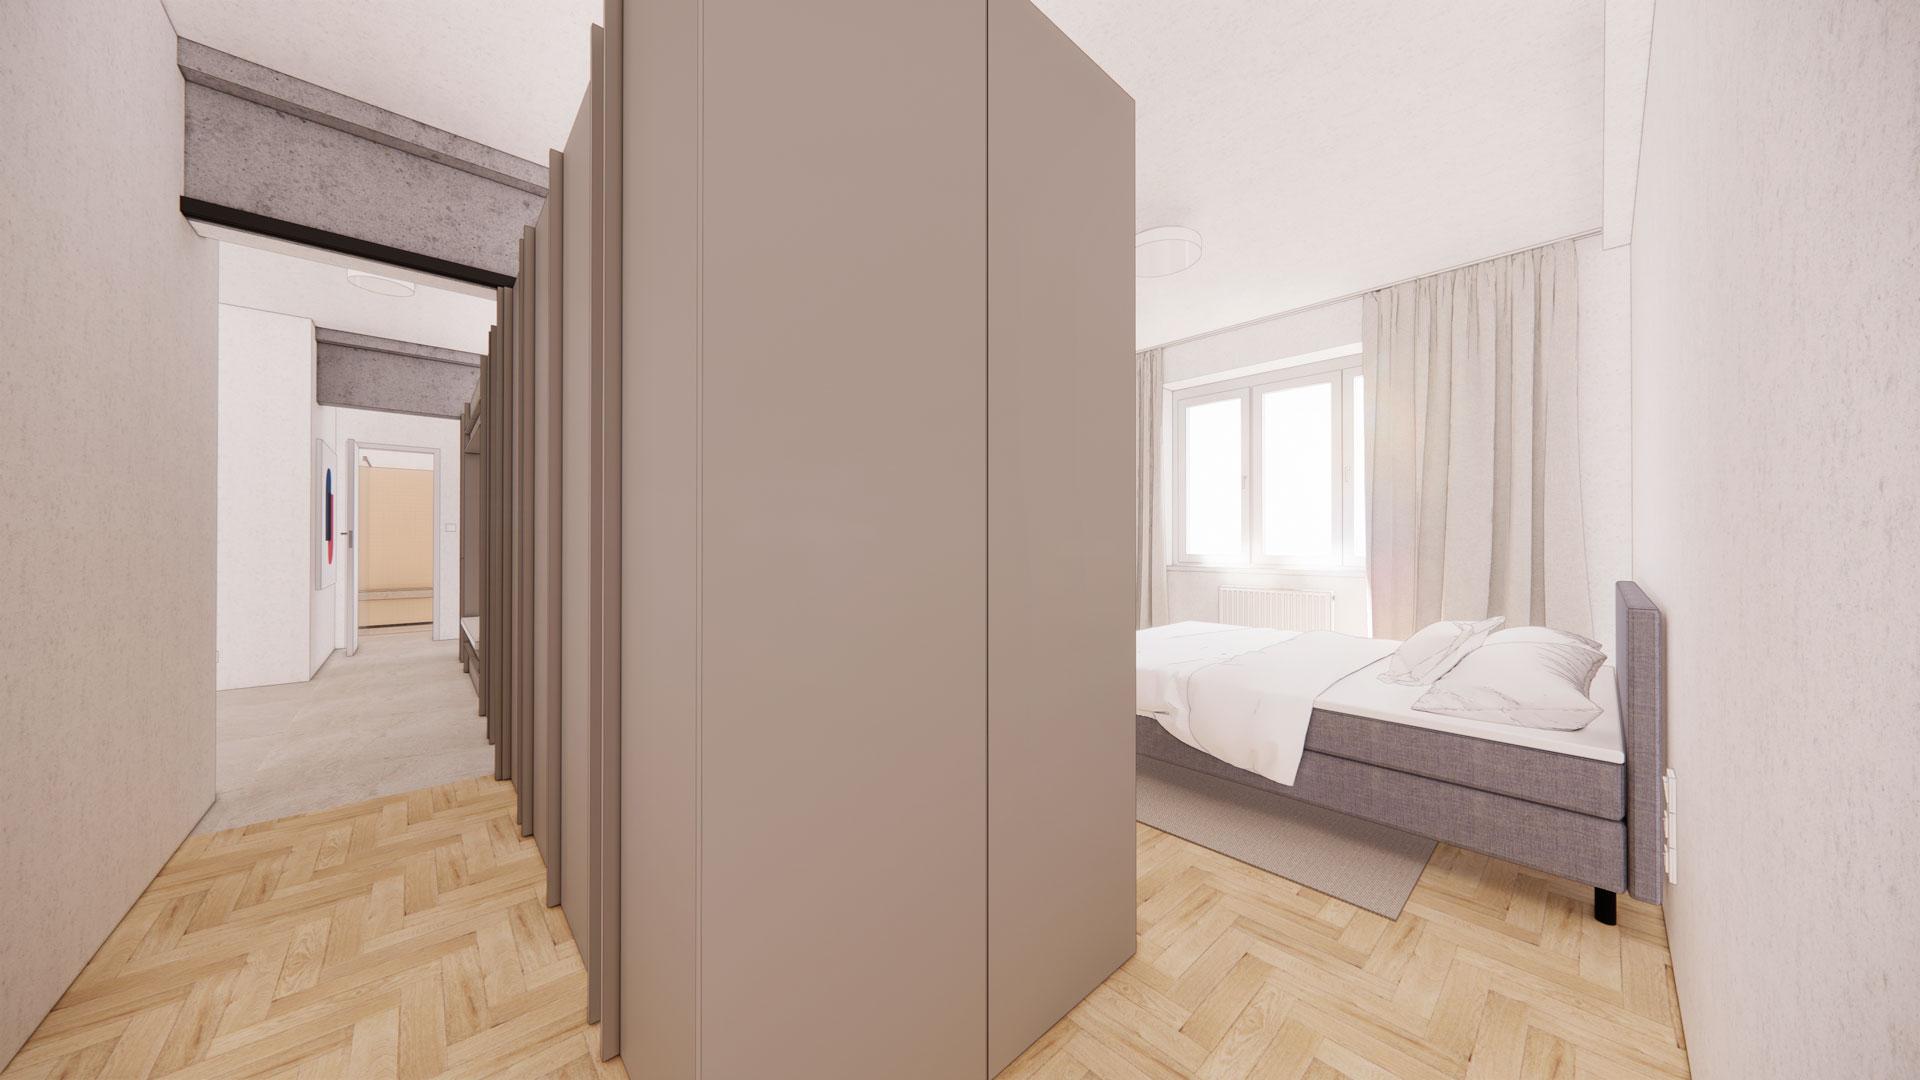 noiz-architekti-interier-byt-lublanska-05